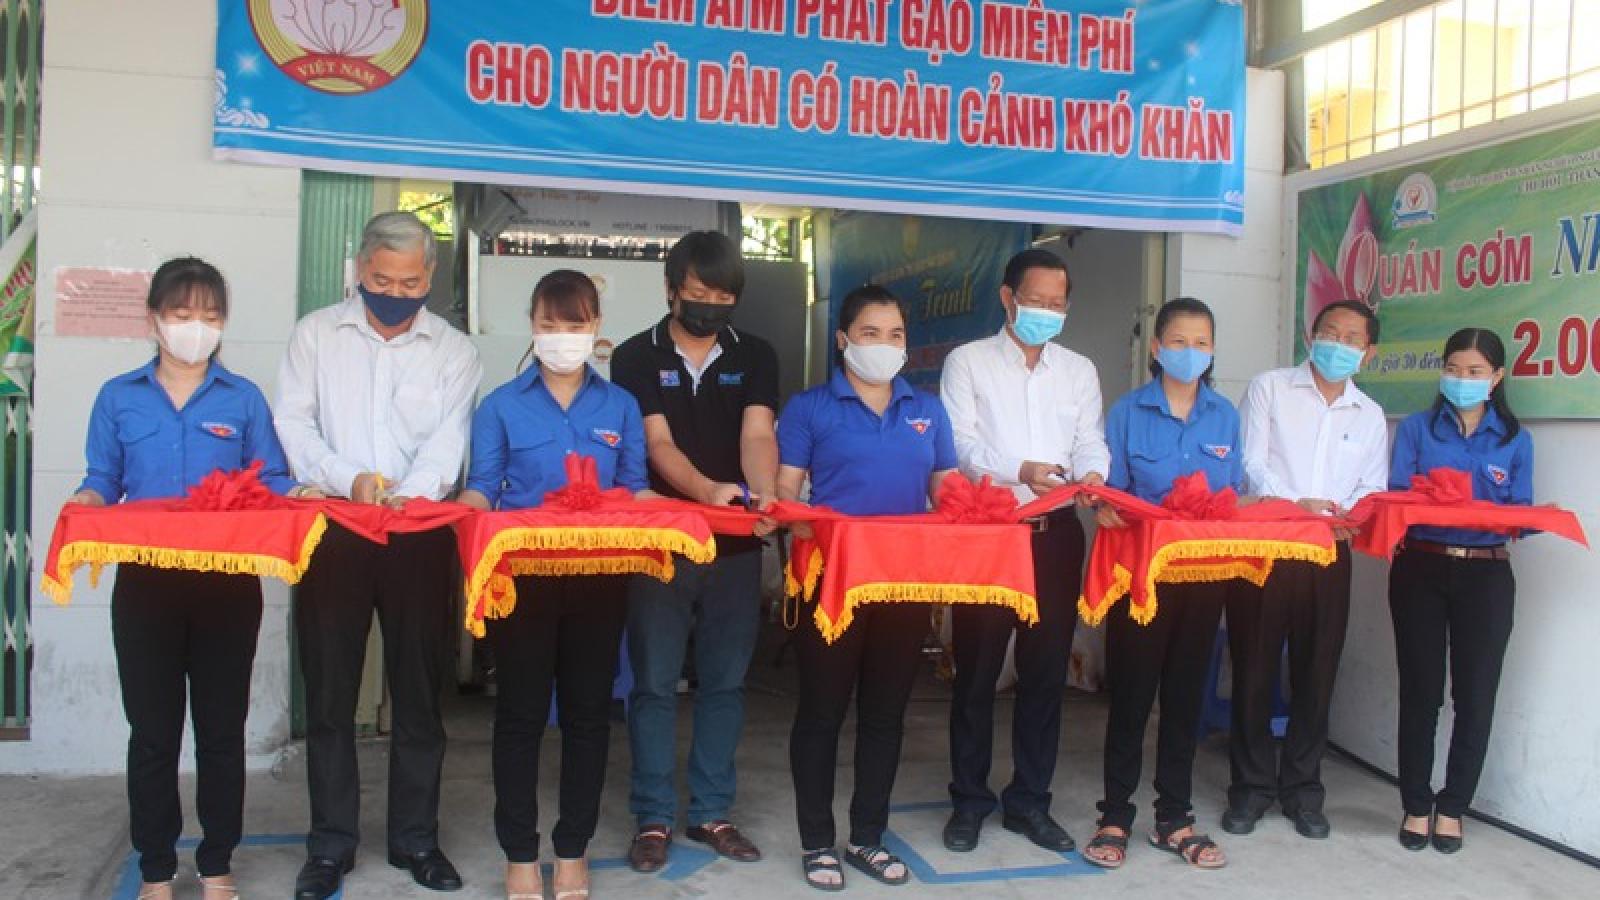 Bến Tre, Tiền Giang khai trương nhiều ATM gạo miễn phí cho người nghèo